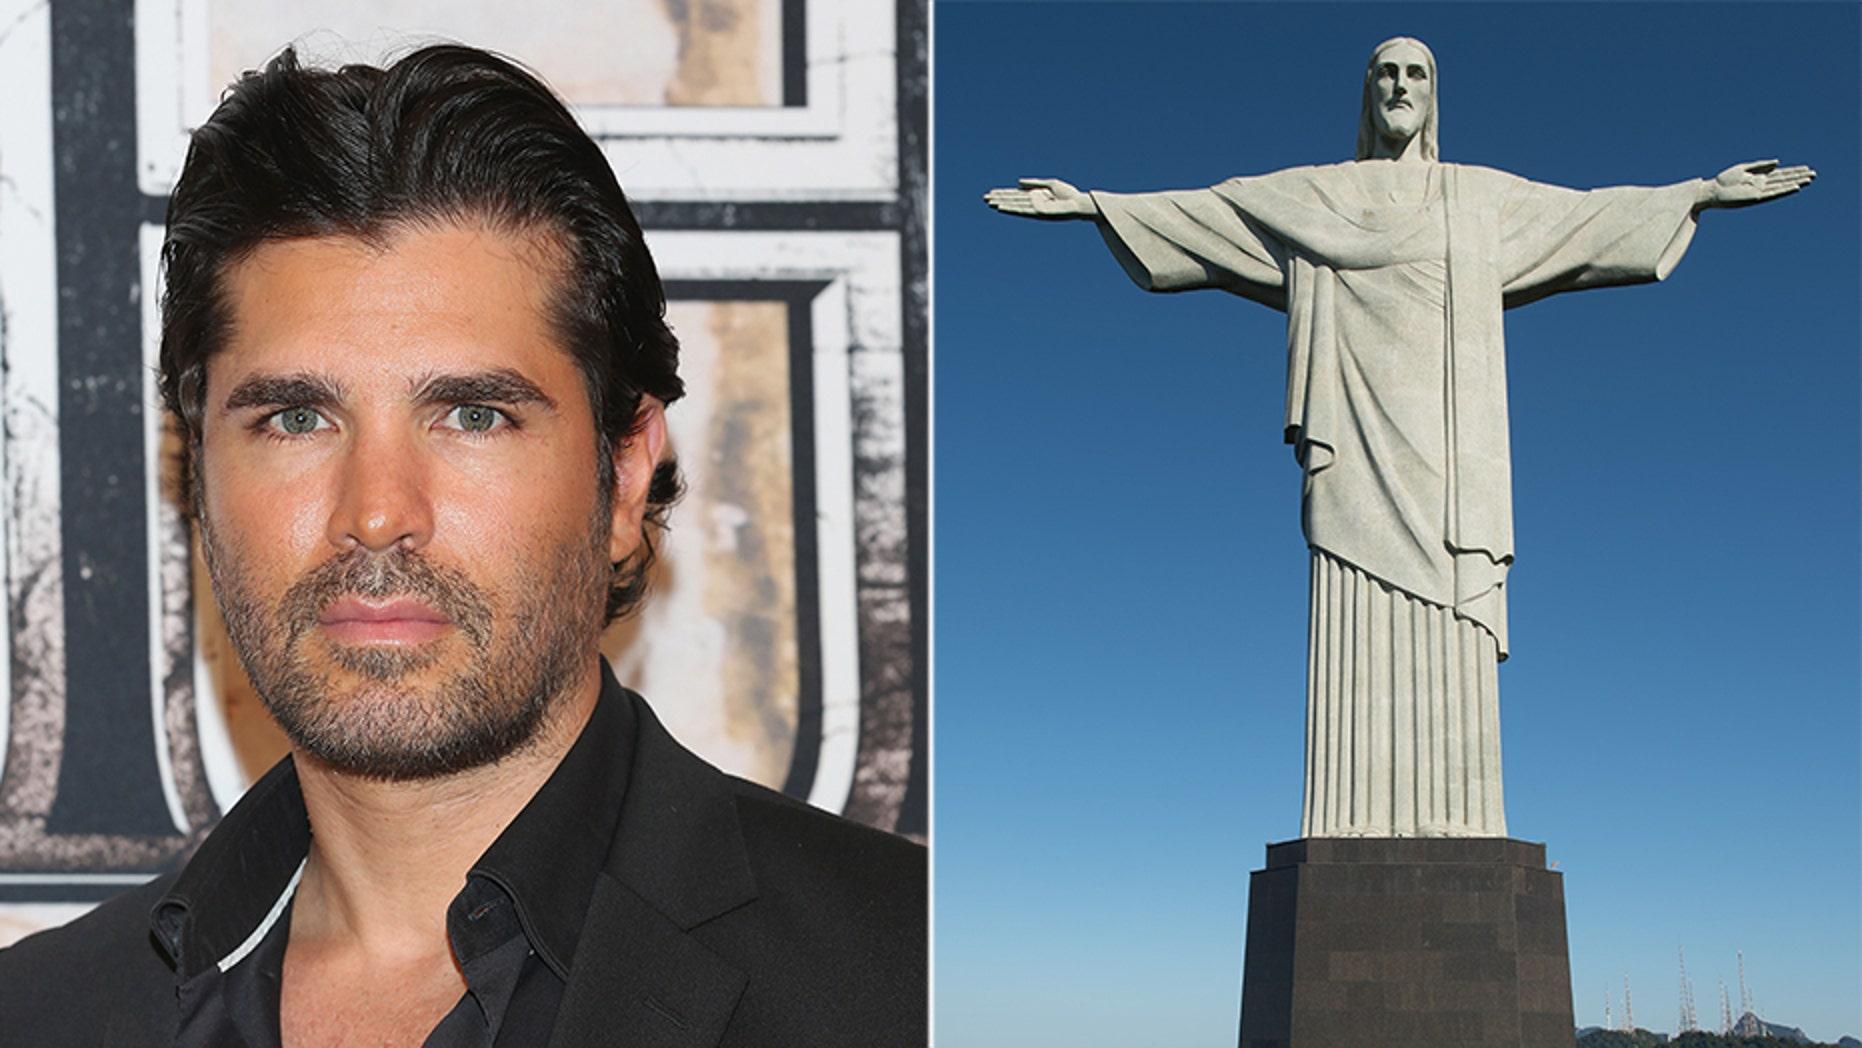 Eduardo Verastegui, a Catholic actor and pro-life advocate, plans to build